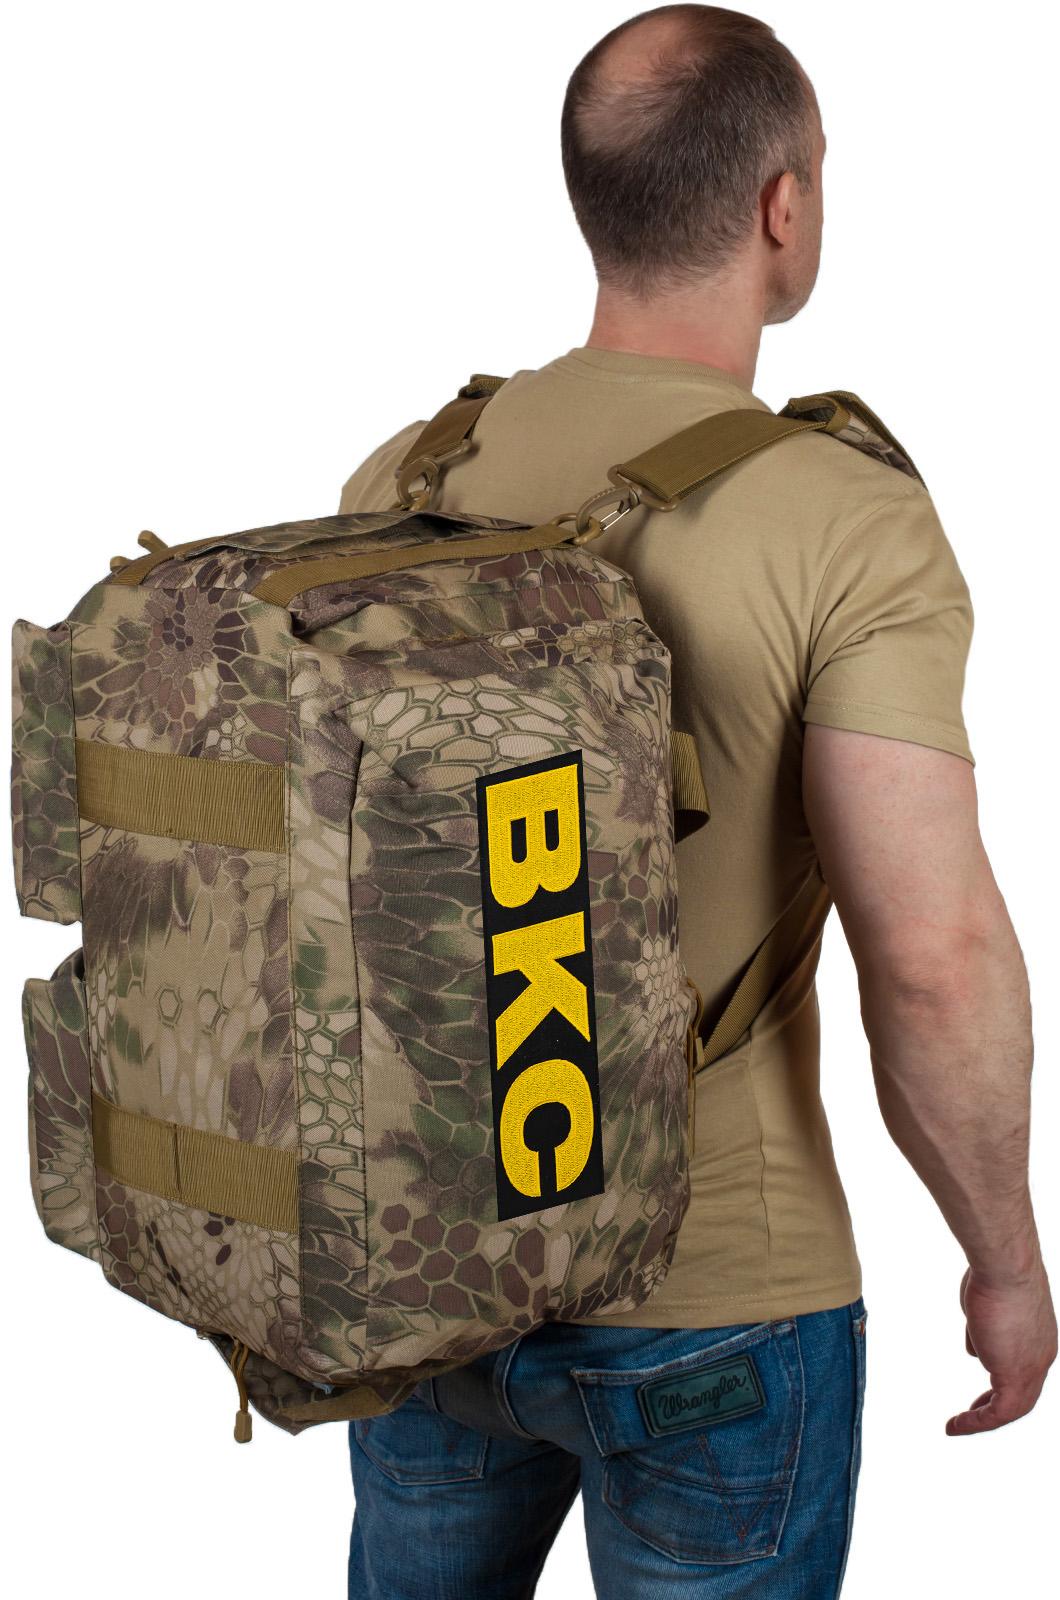 Купить тактическую сумку для походов с нашивкой ВКС по лучшей цене